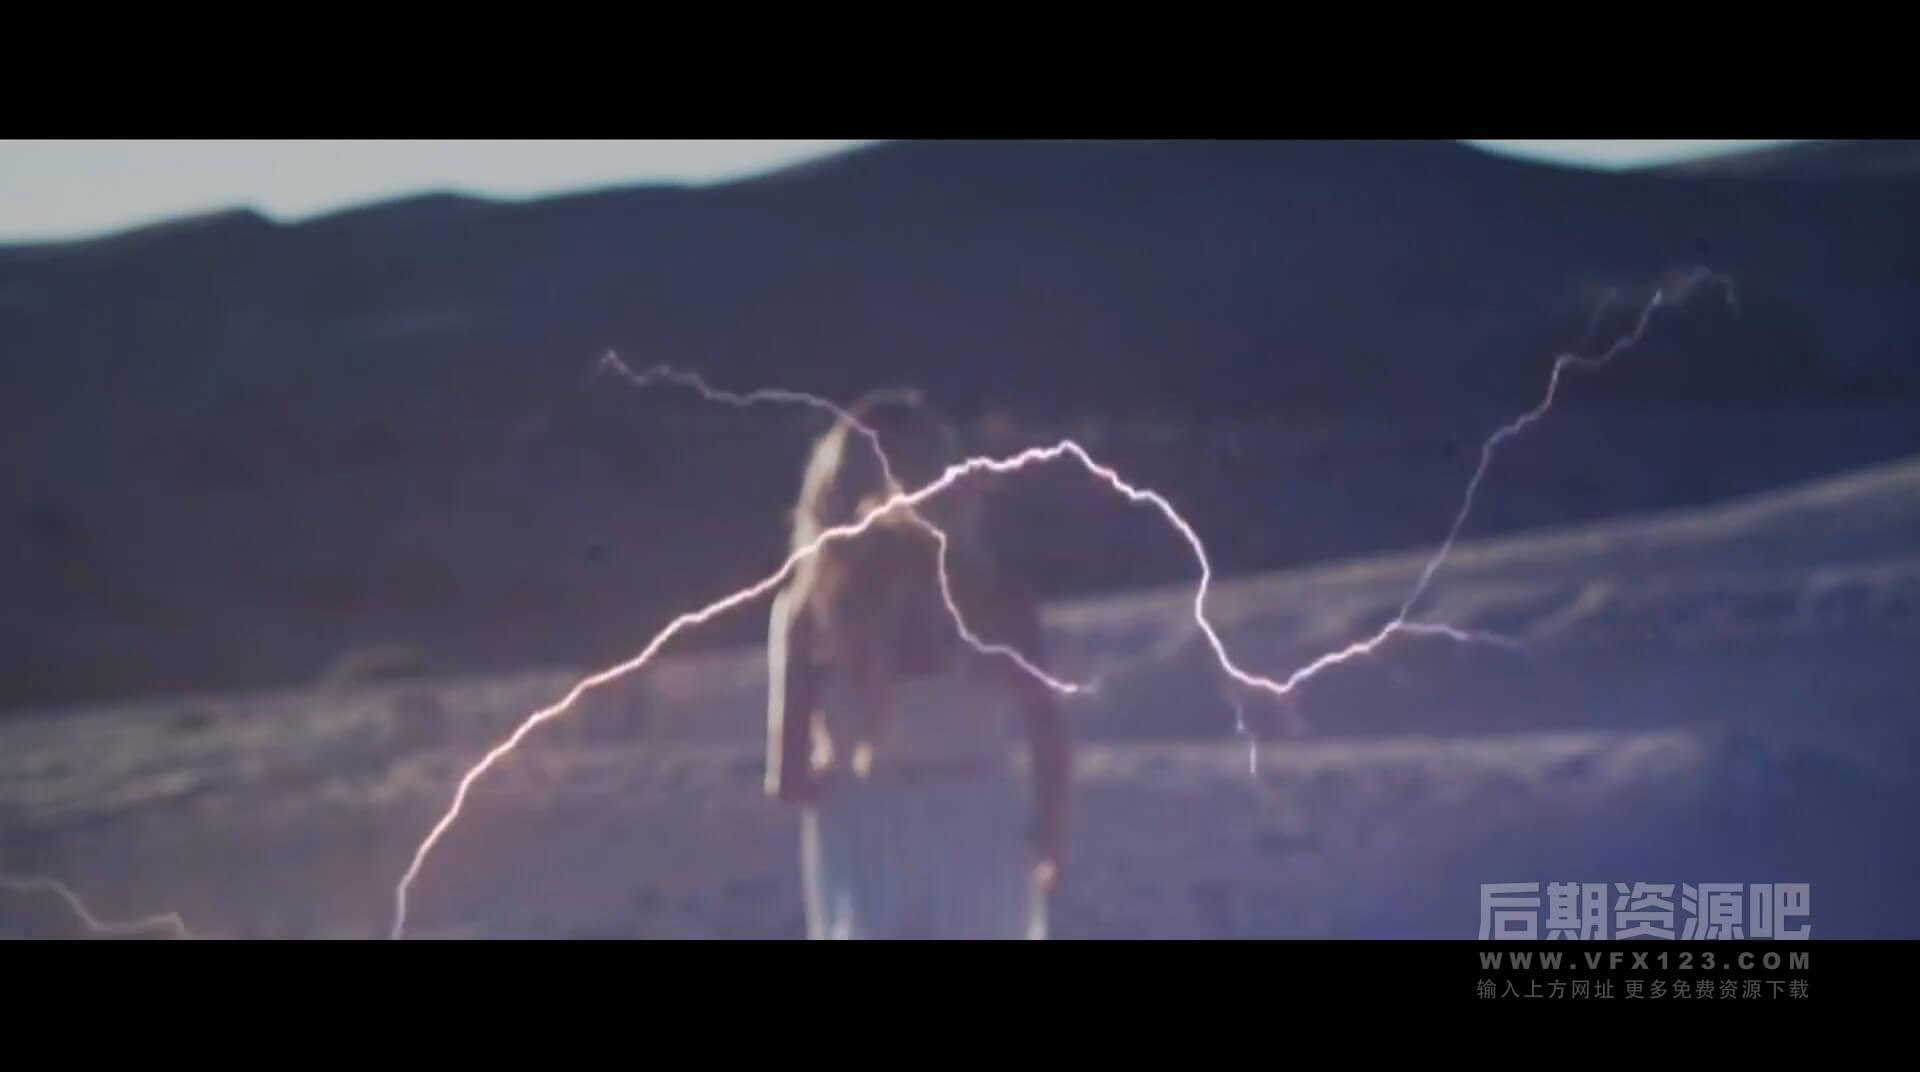 视频素材 风暴之眼闪电雷暴风暴云特效合成素材 Digital Storm Effects